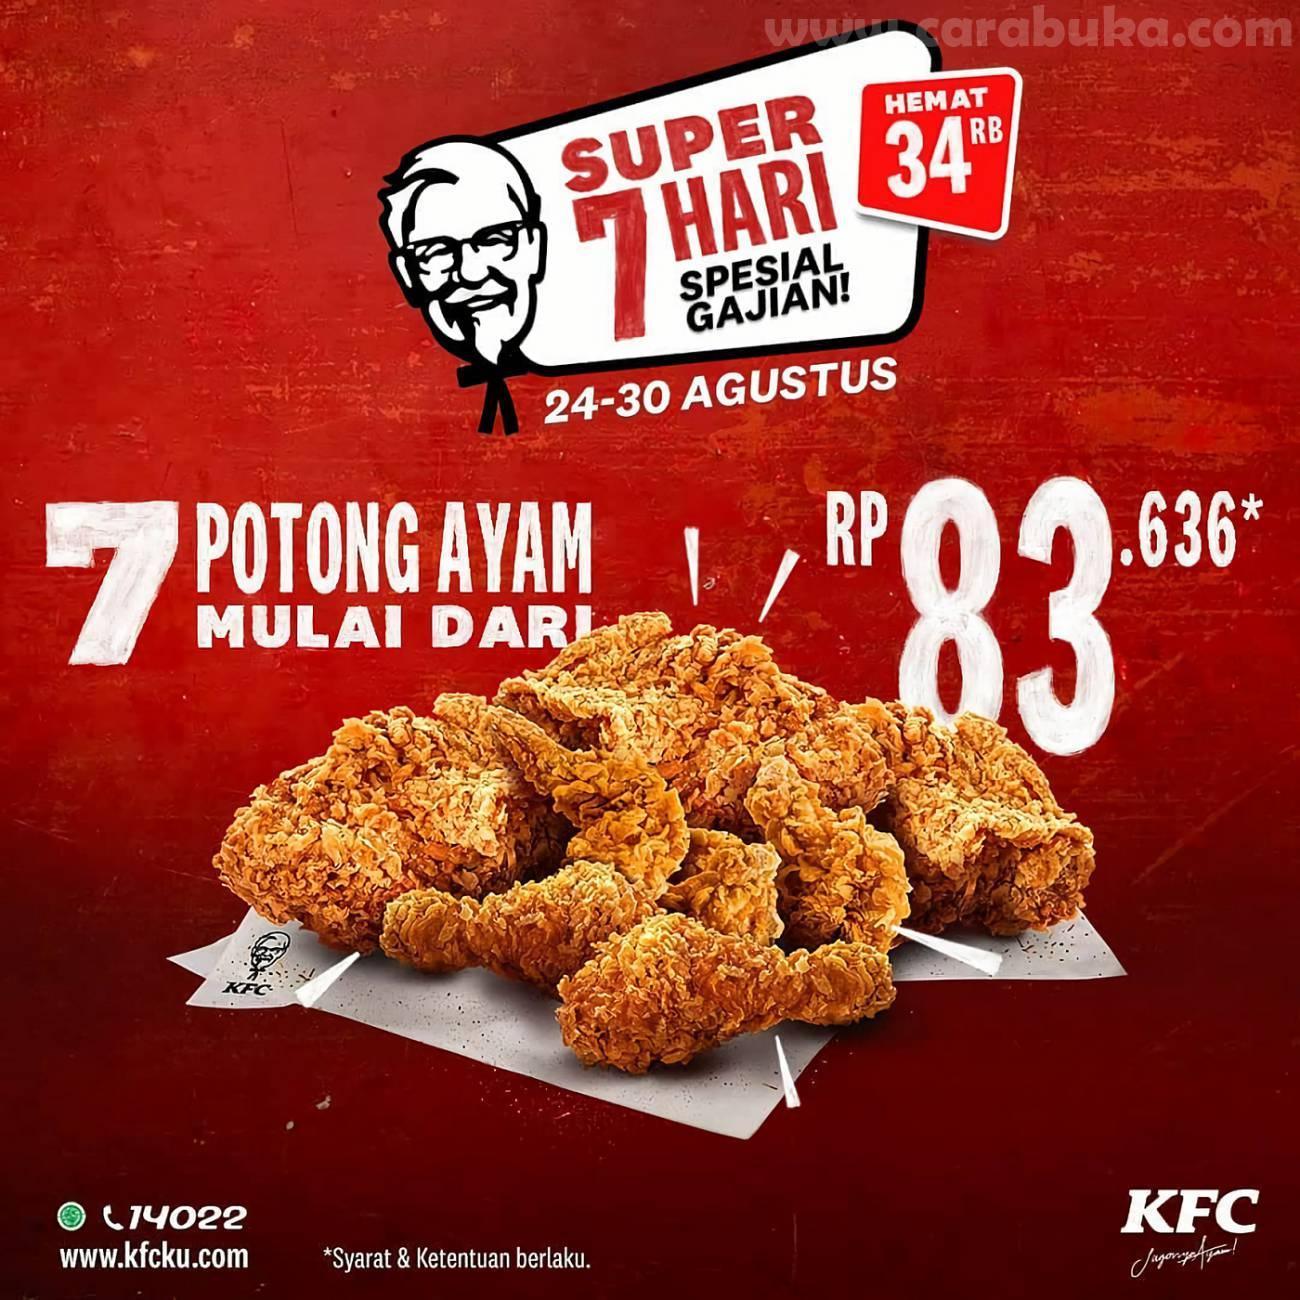 BLT Rp 600 Ribu Cair! KFC Hadirkan Promo Spesial Gajian Buat Para Karyawan dan Pekerja